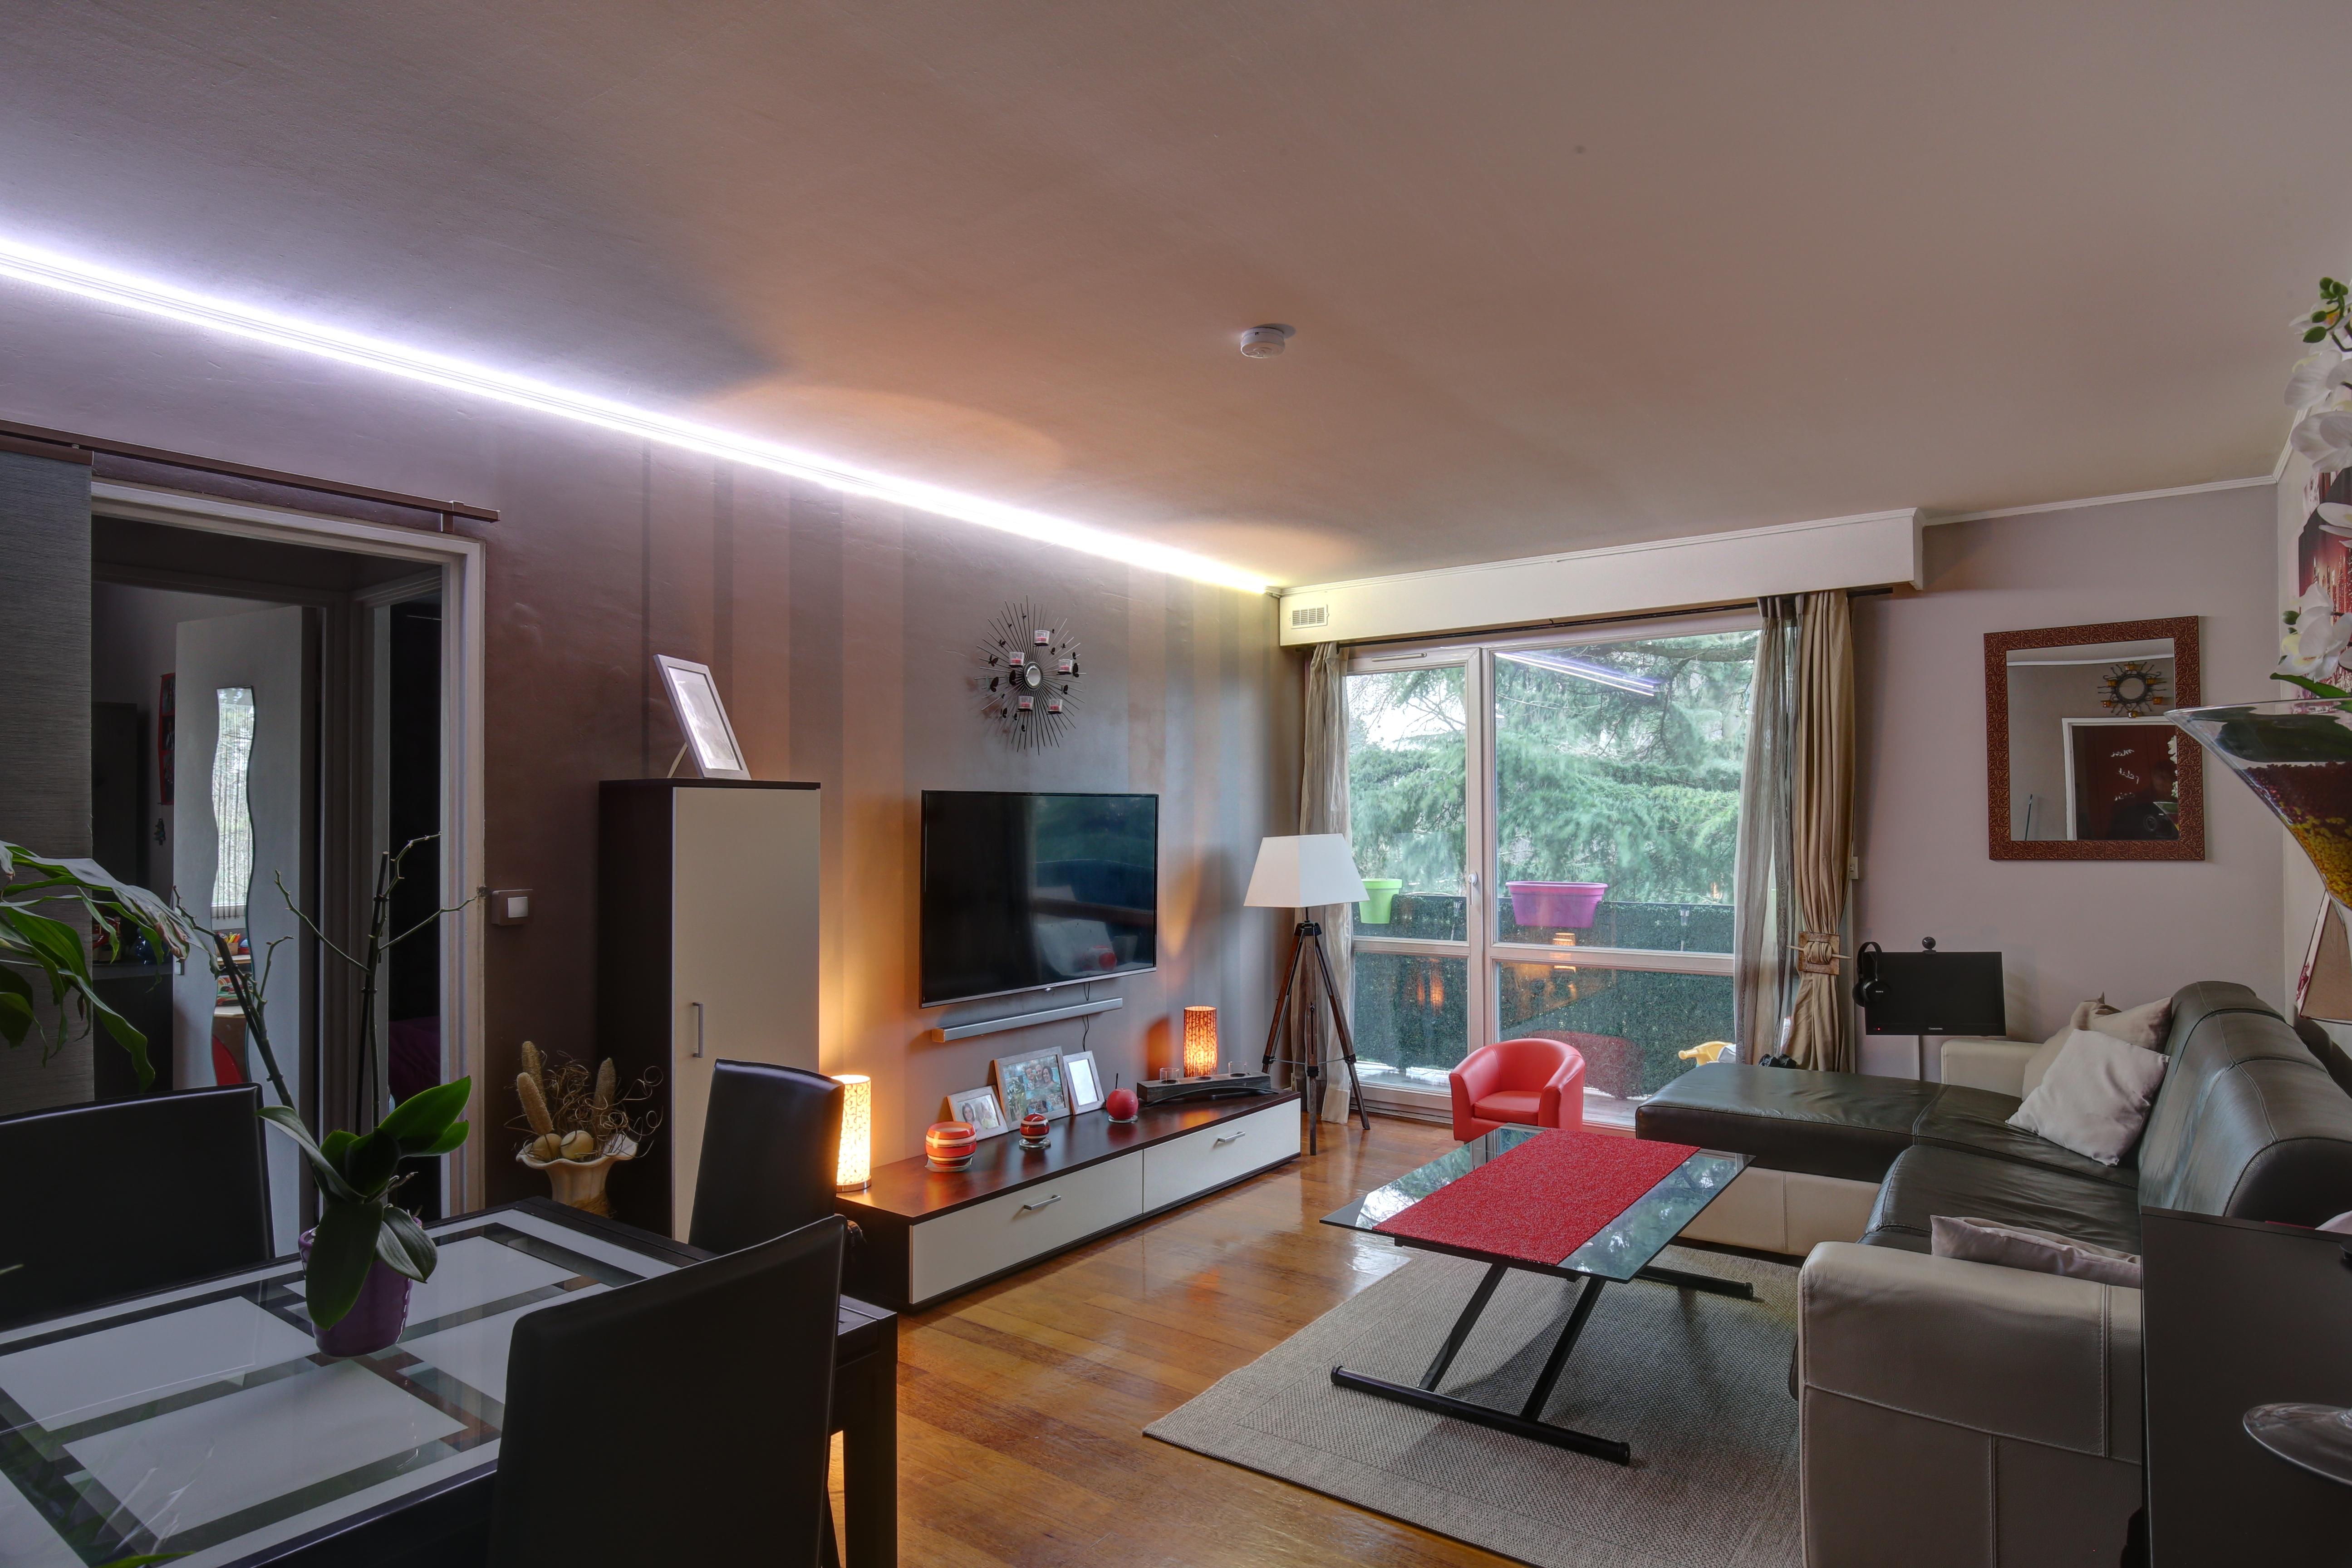 Appartement 3 Pièces 62 m2 à Chennevières sur Marne (94490)